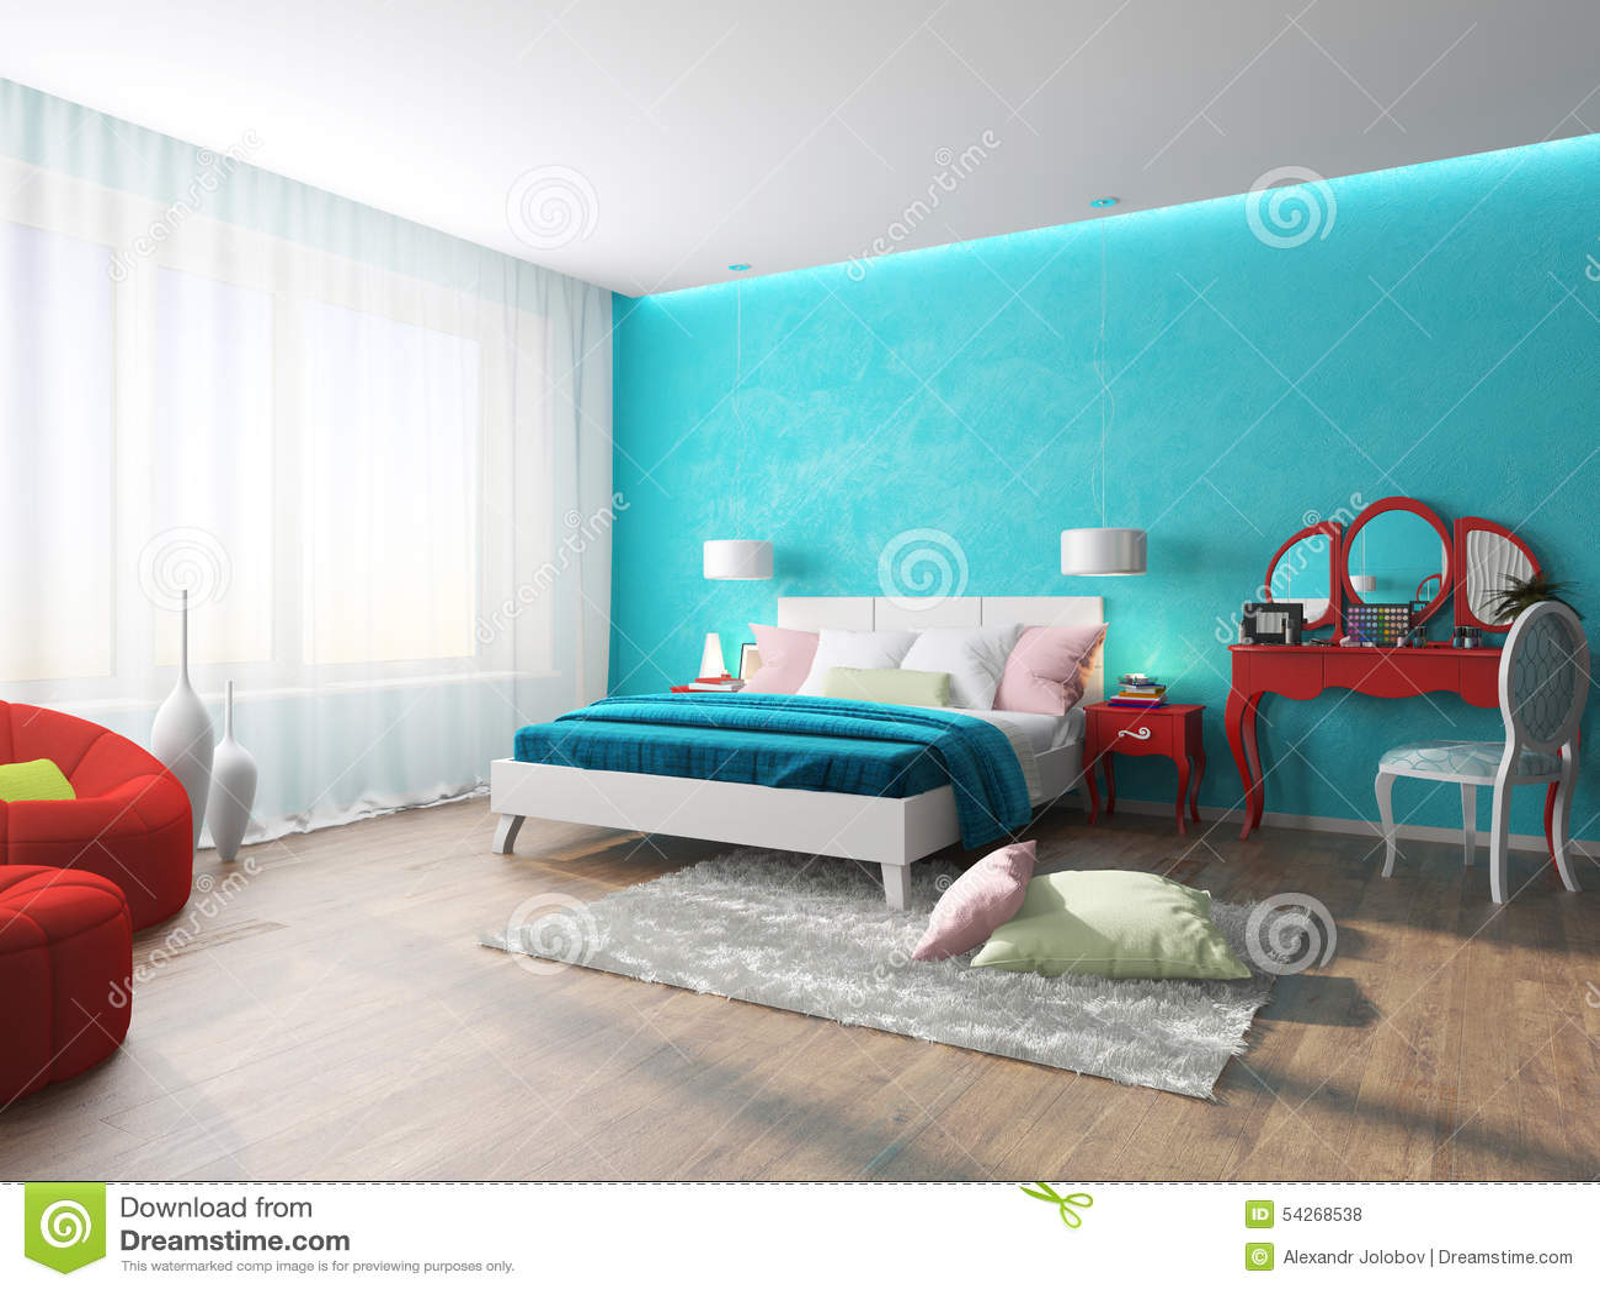 Schlafzimmer im Türkis stock abbildung. Illustration von konzept ...